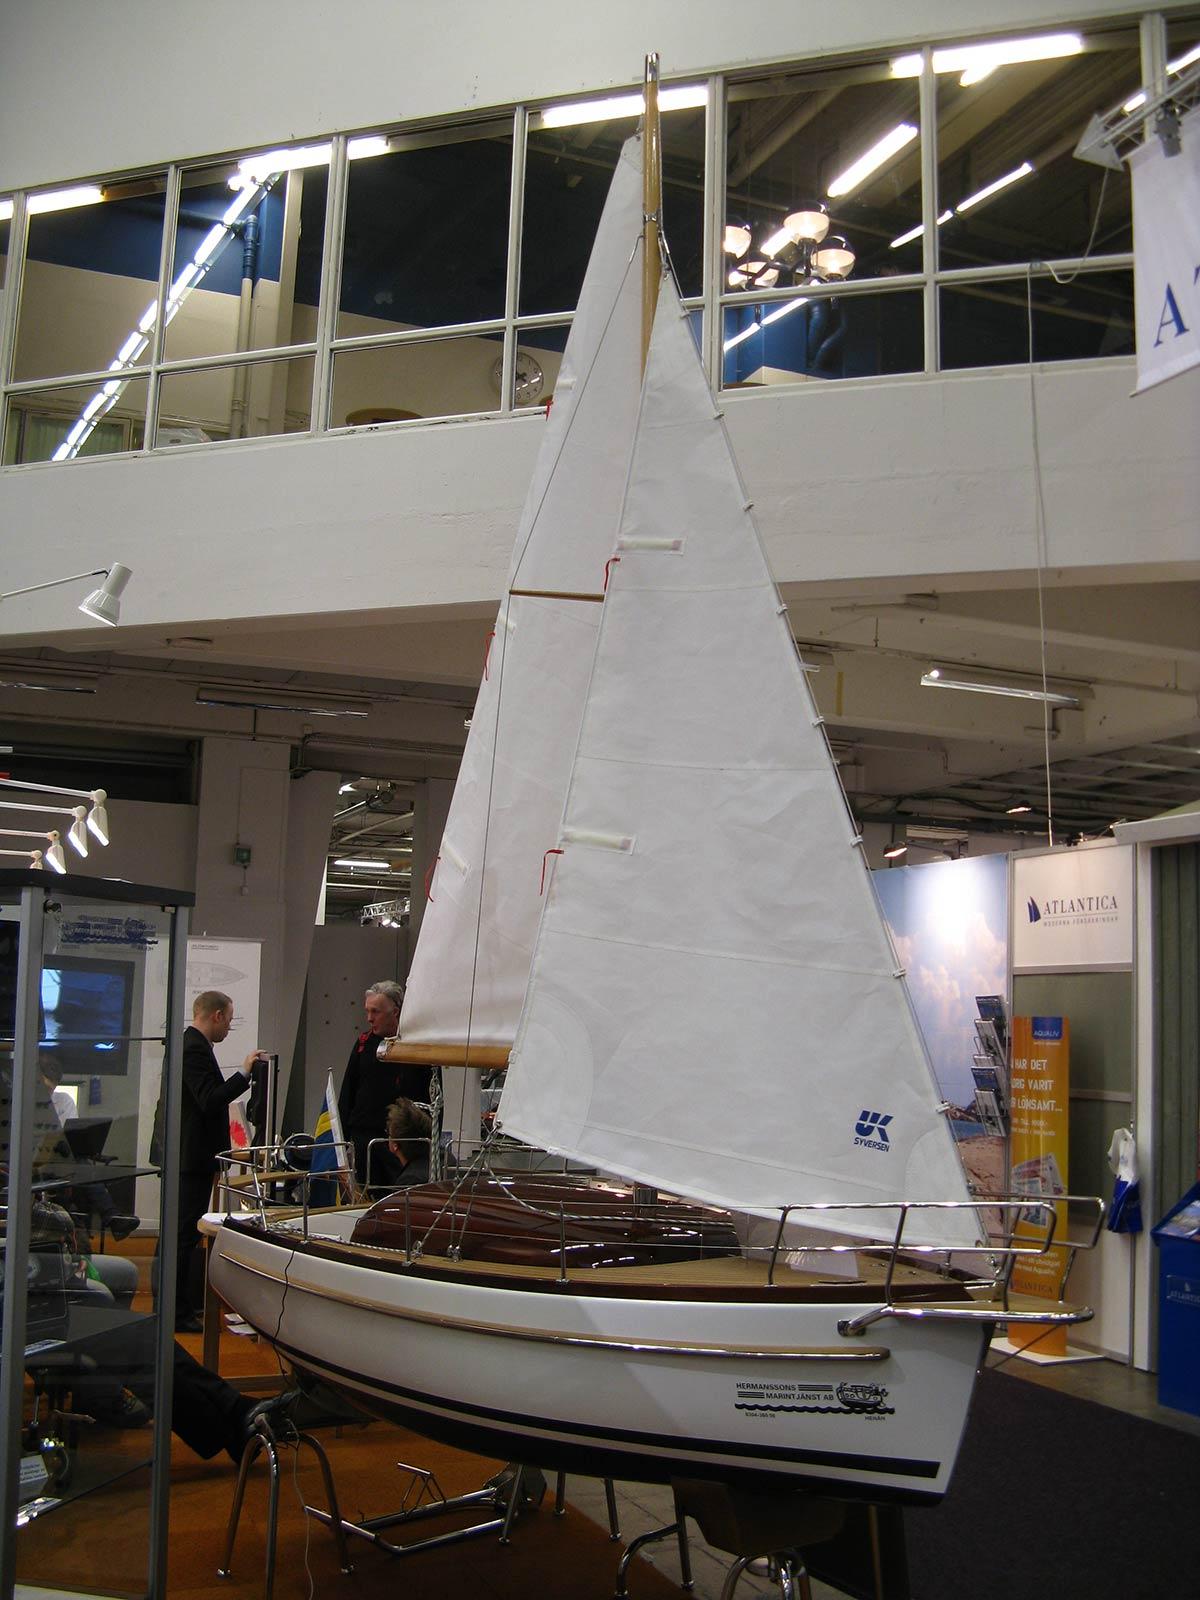 En liten segelbåt som visar vad Hermanssons Marintjänst kan erbjuda